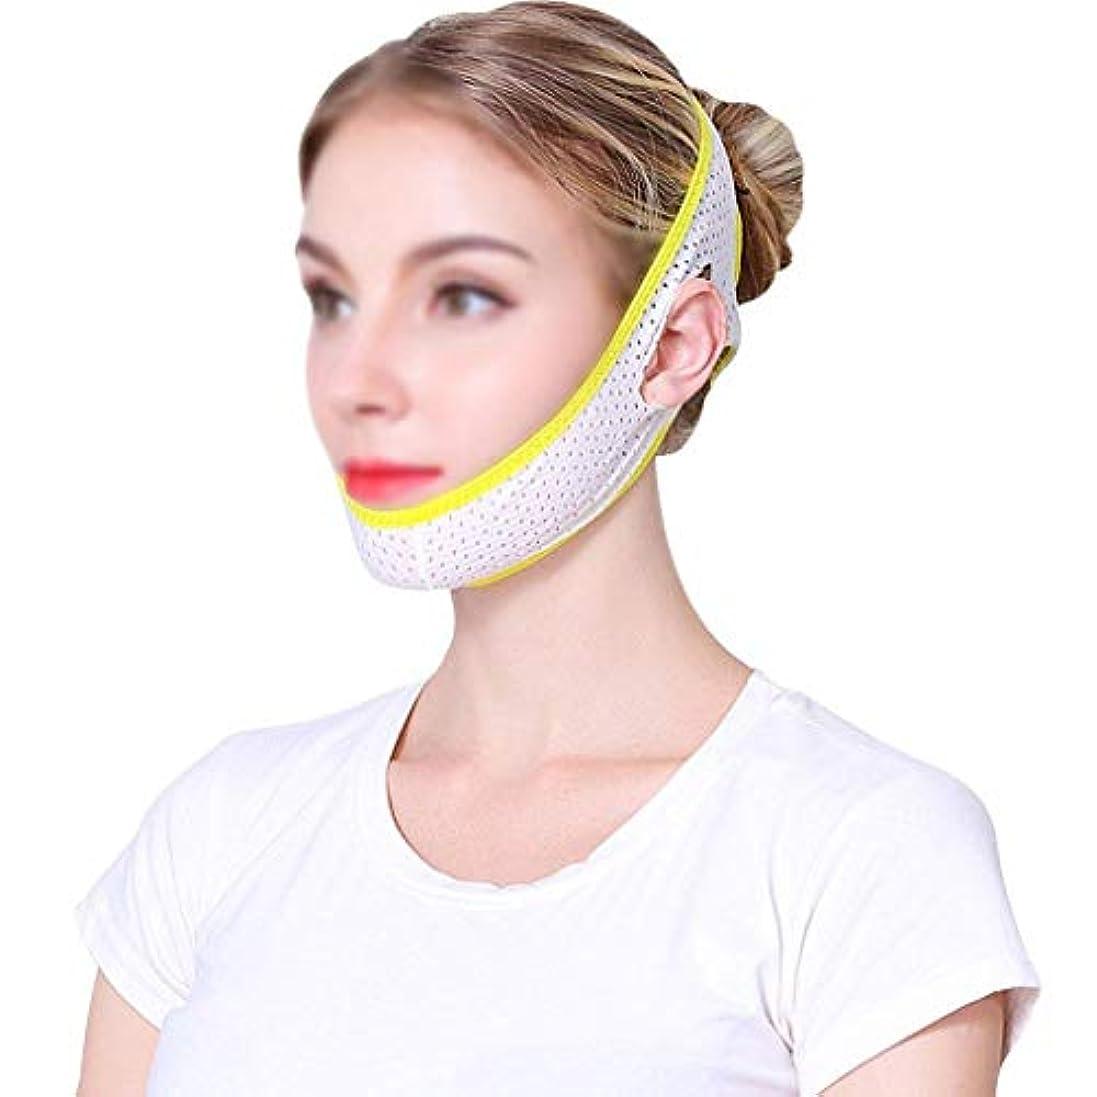 スカウト債権者書道マスク、包帯、整形外科の夏の通気性の薄いセクション二重あごひものVの表面の薄いフェイスマスクを持ち上げて下さい